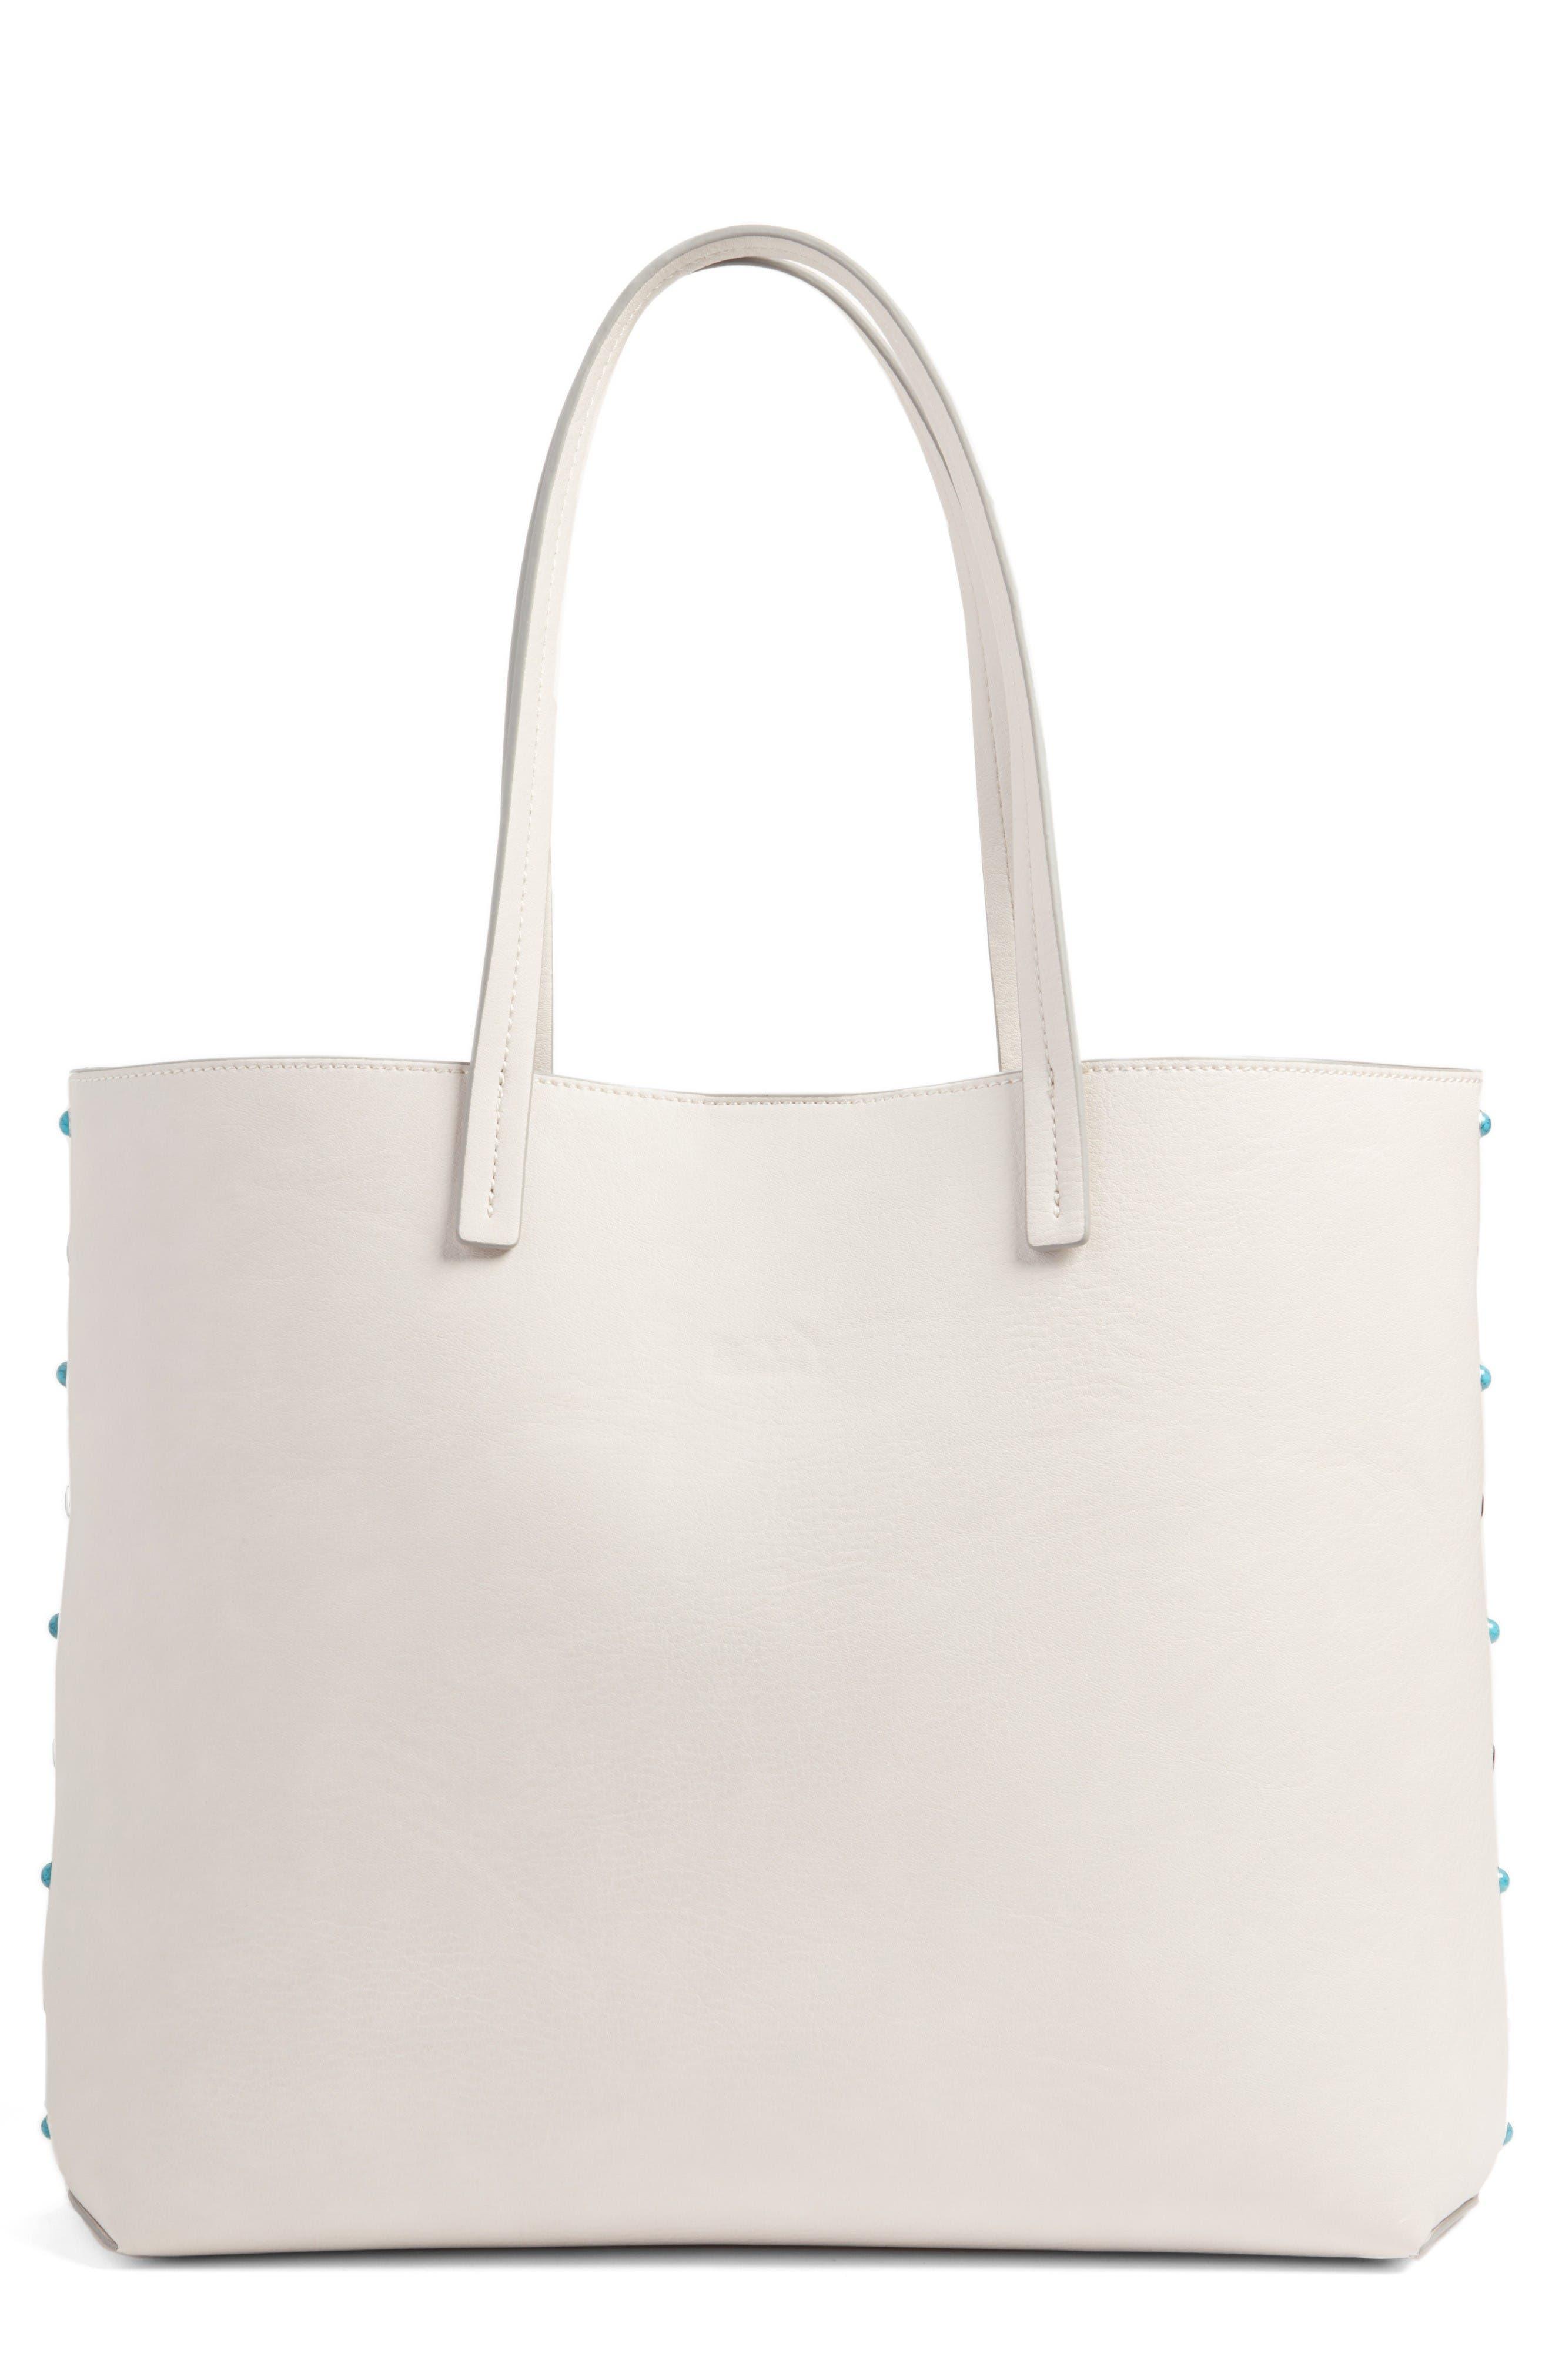 Off-White Shoulder Bags | Nordstrom